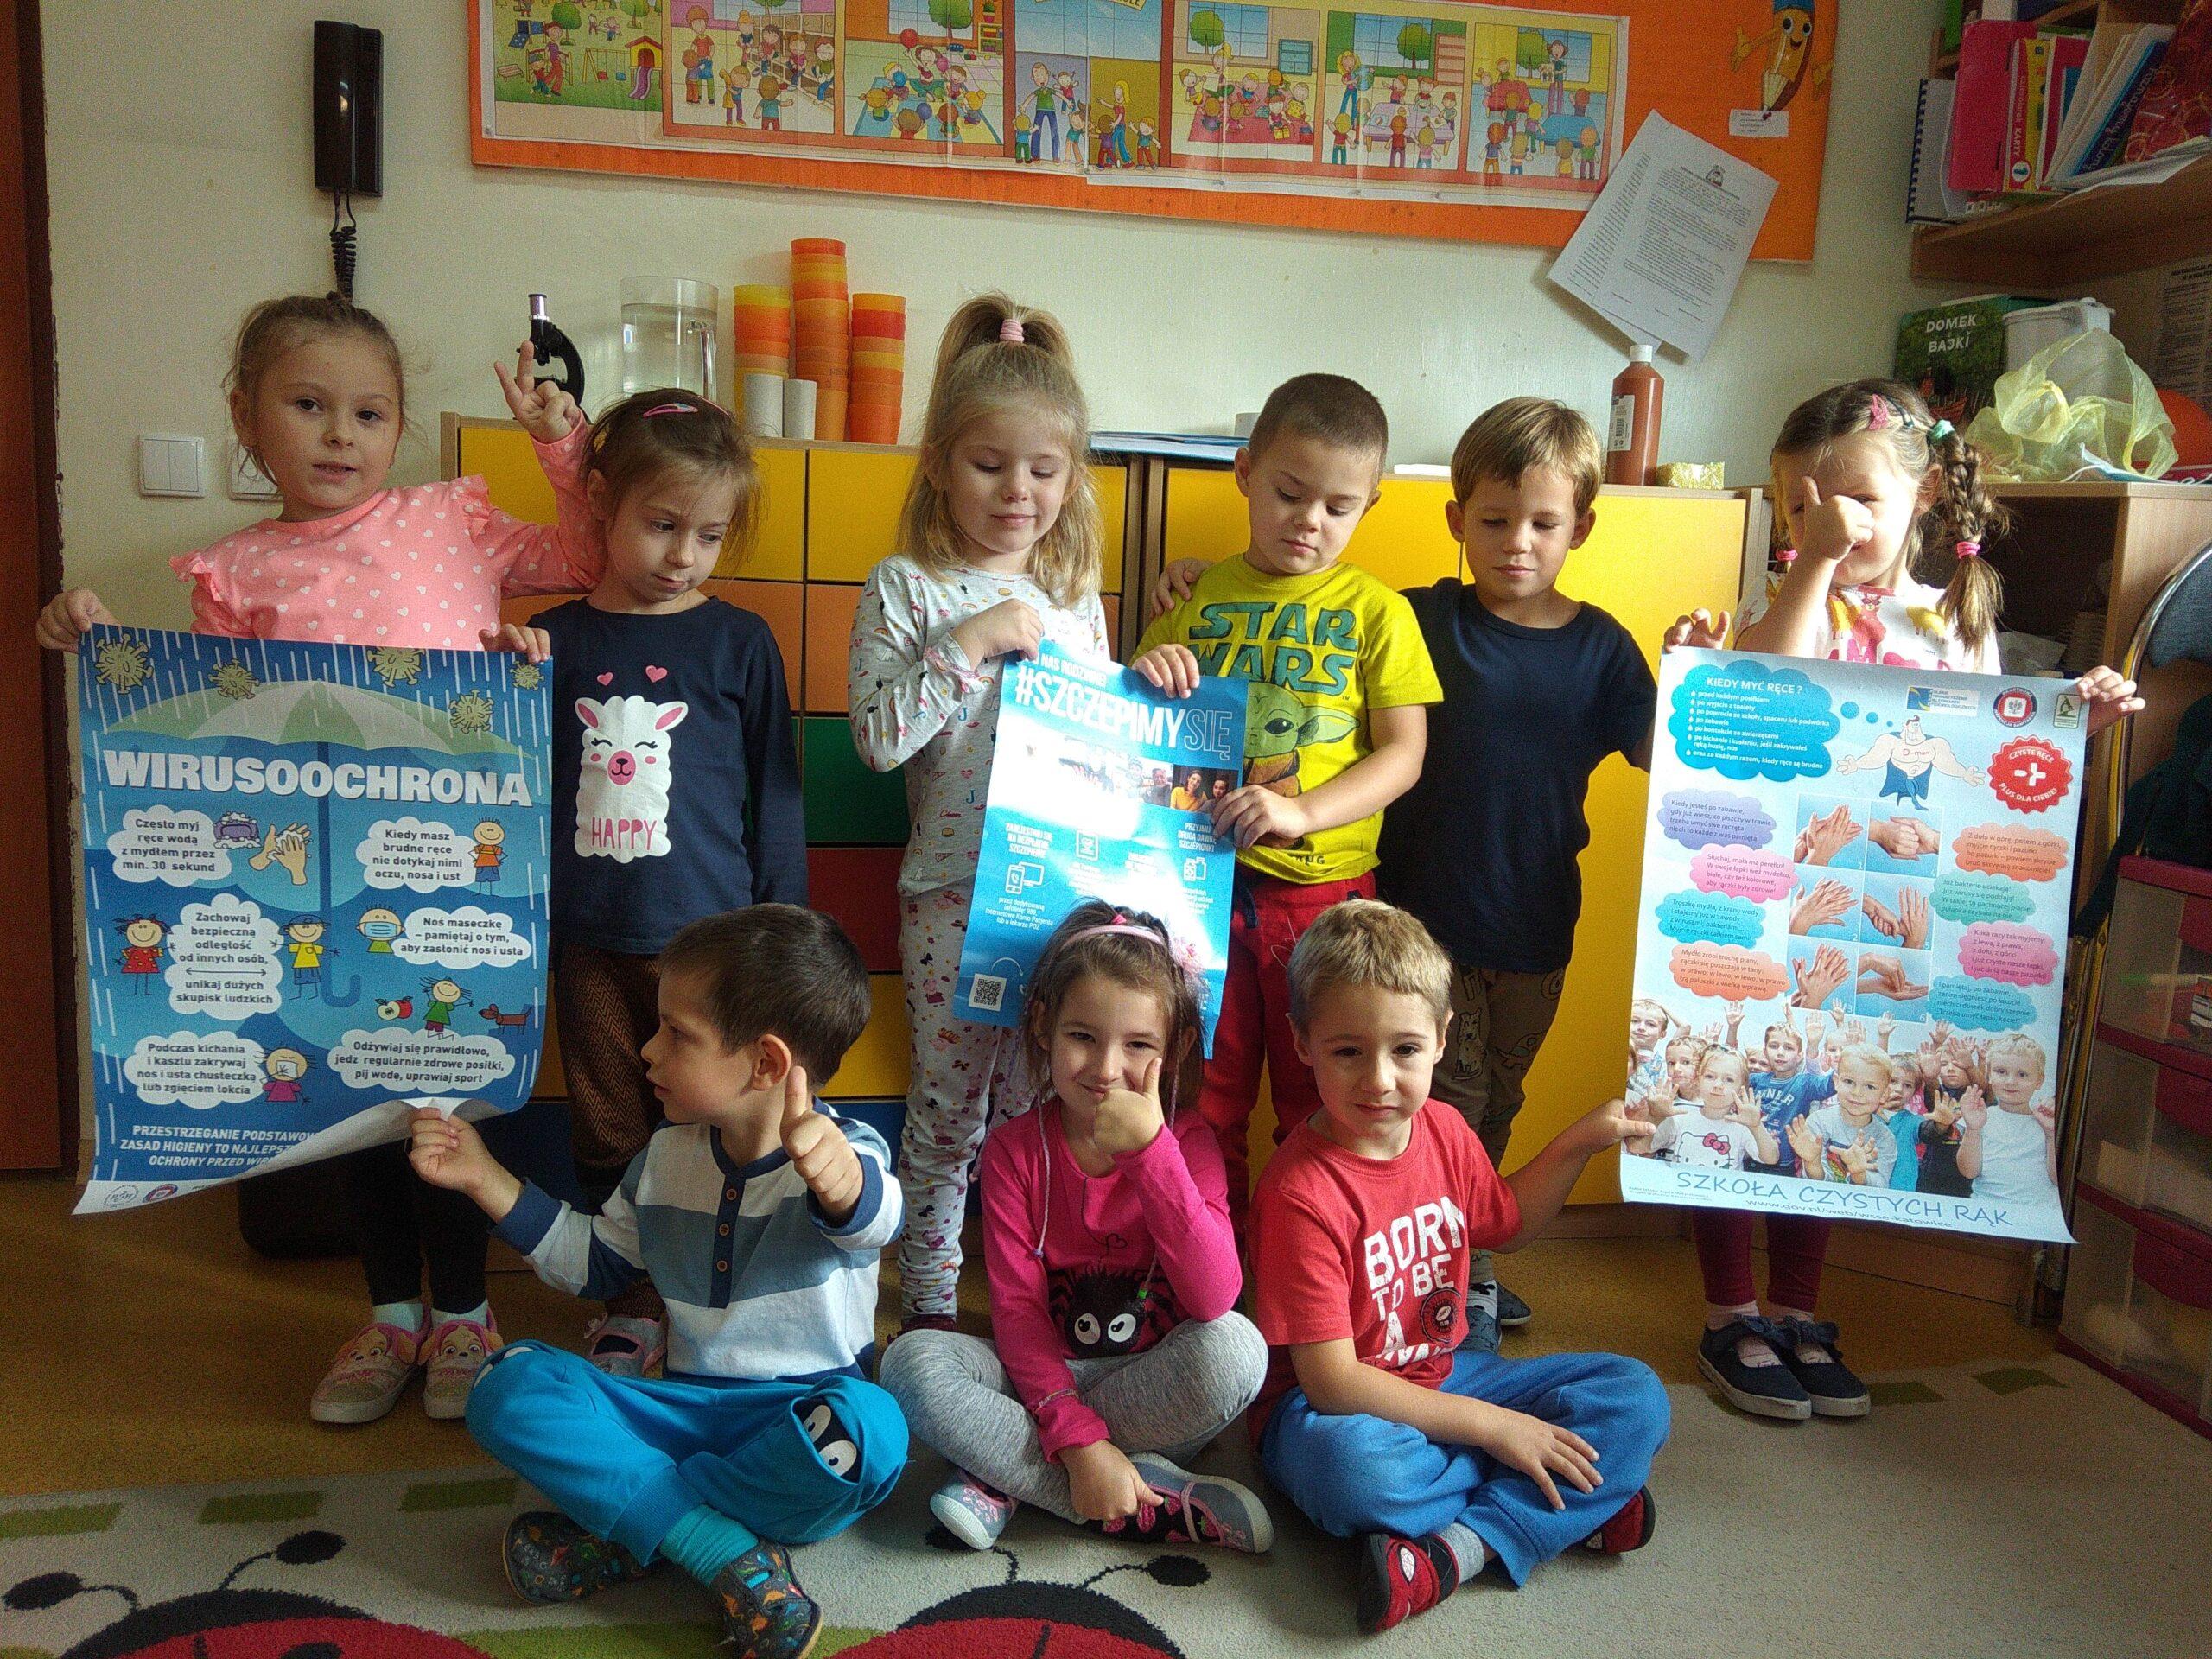 Grupa dzieci trzymają w rękach plakaty dotyczący ochrony przed wirusami